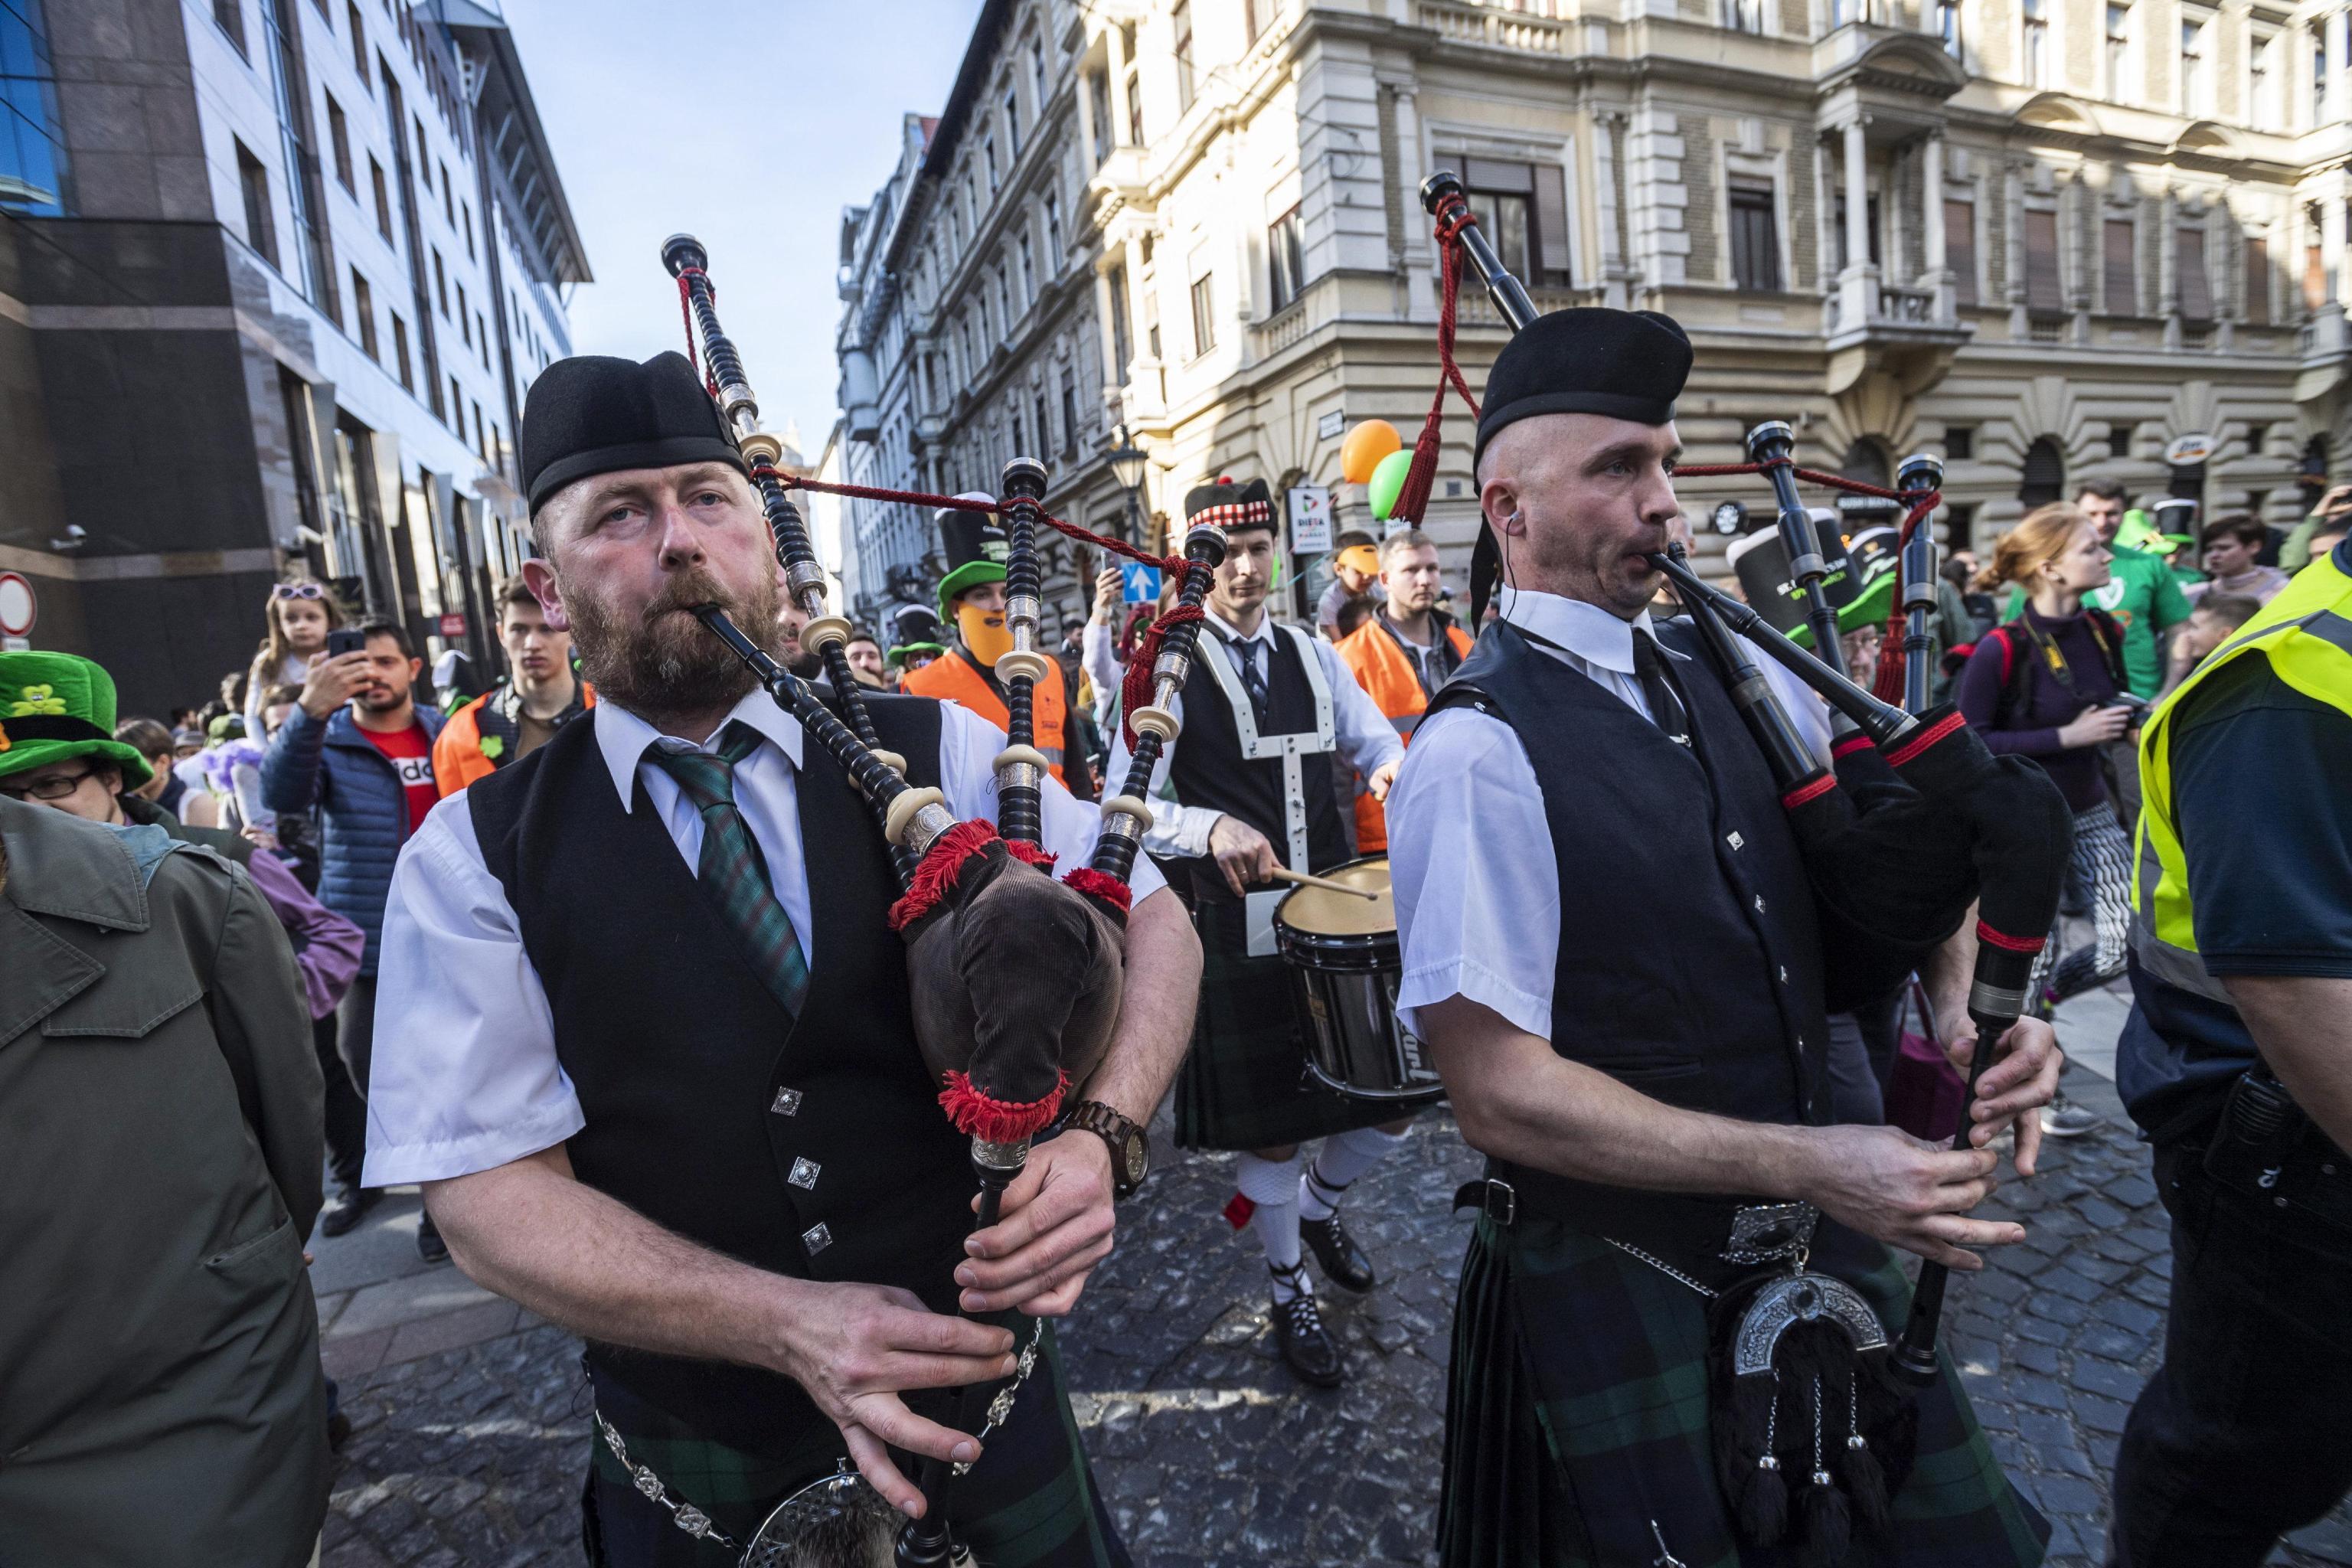 Musica e folklore per le strade di Budapest in occasione del St. Patrick Day